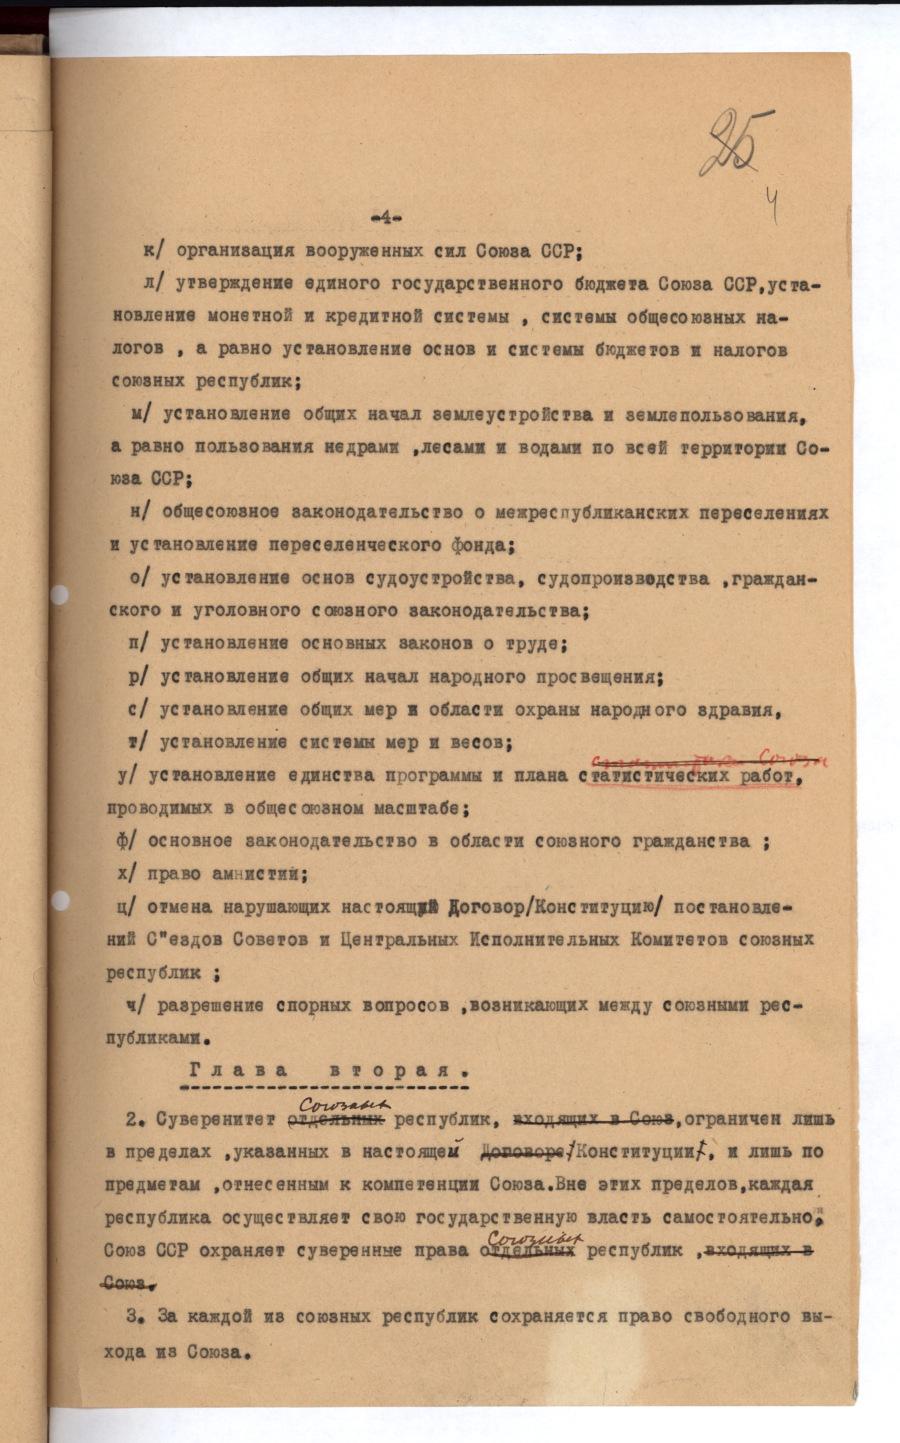 Проект основного закона (Конституции) Союза СССР 1924 года. 4 стр